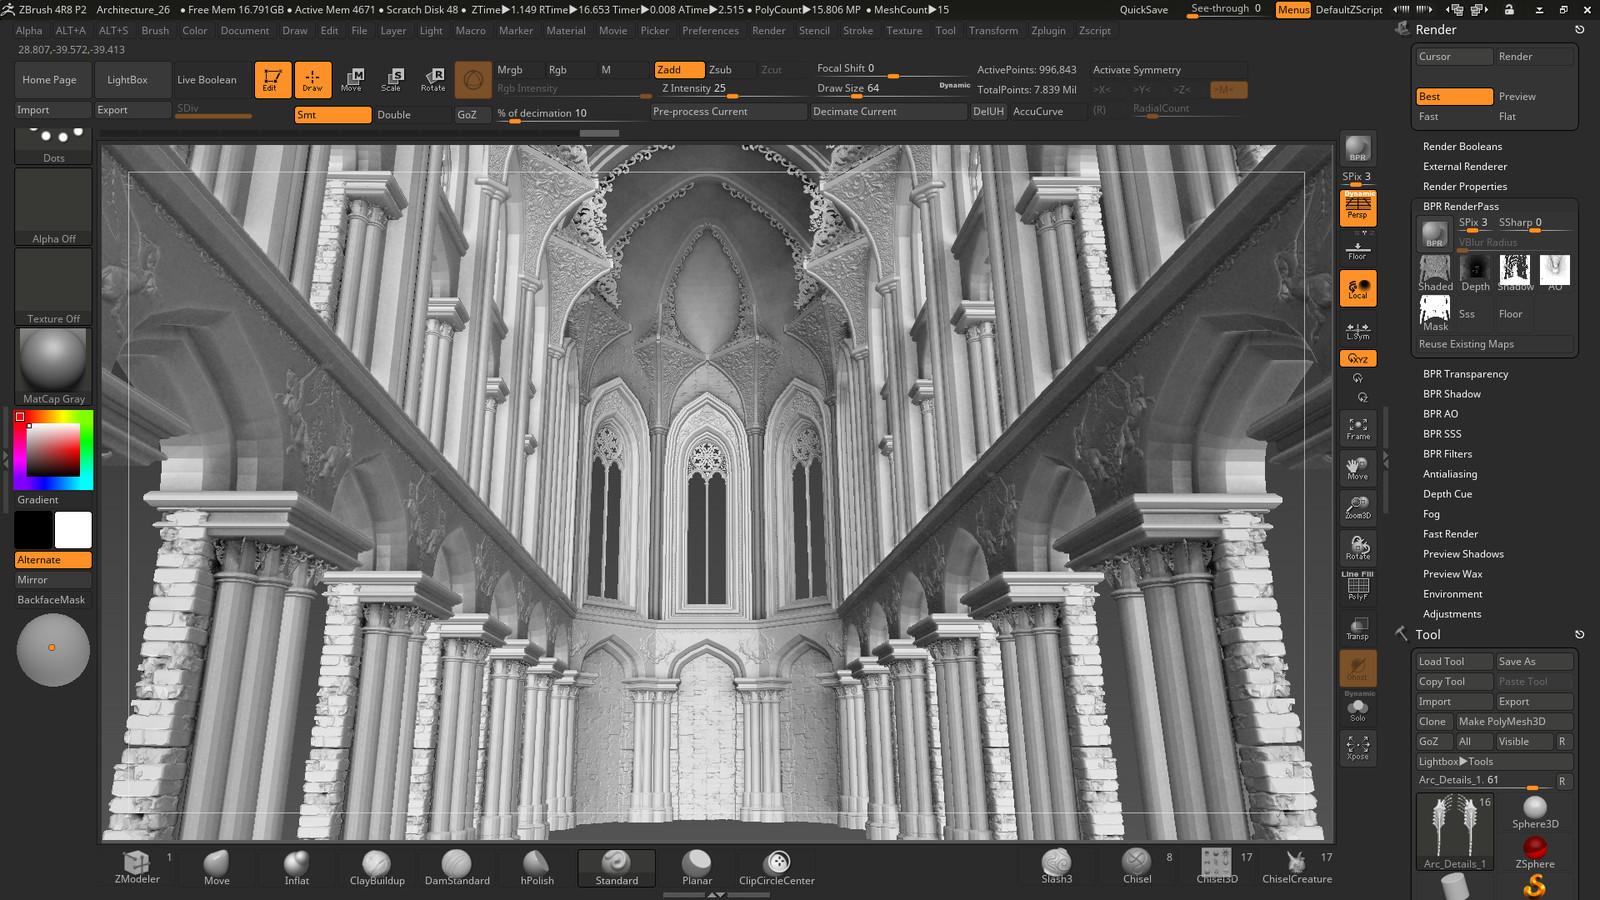 Zbrush Screenshot